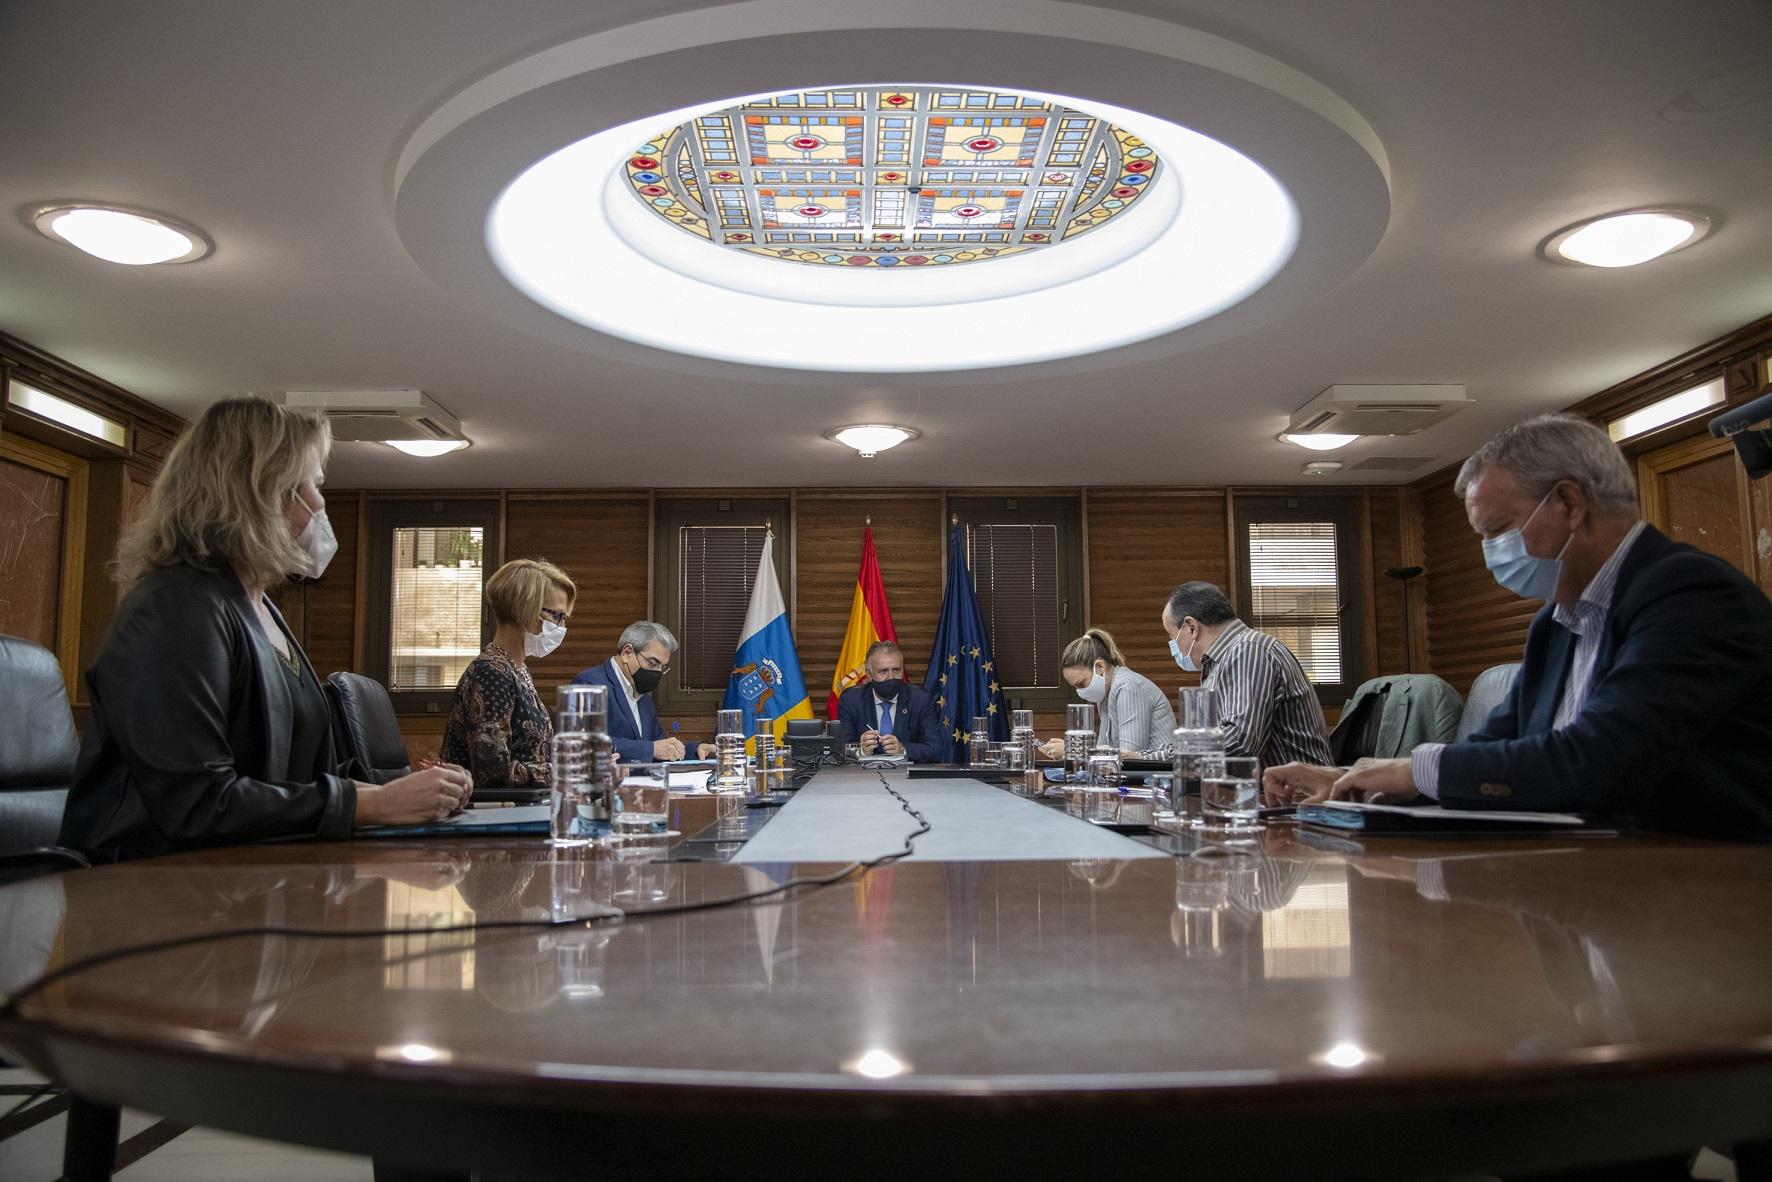 El Gobierno acuerda prorrogar hasta el domingo 10 de enero las medidas extraordinarias vigentes en Tenerife